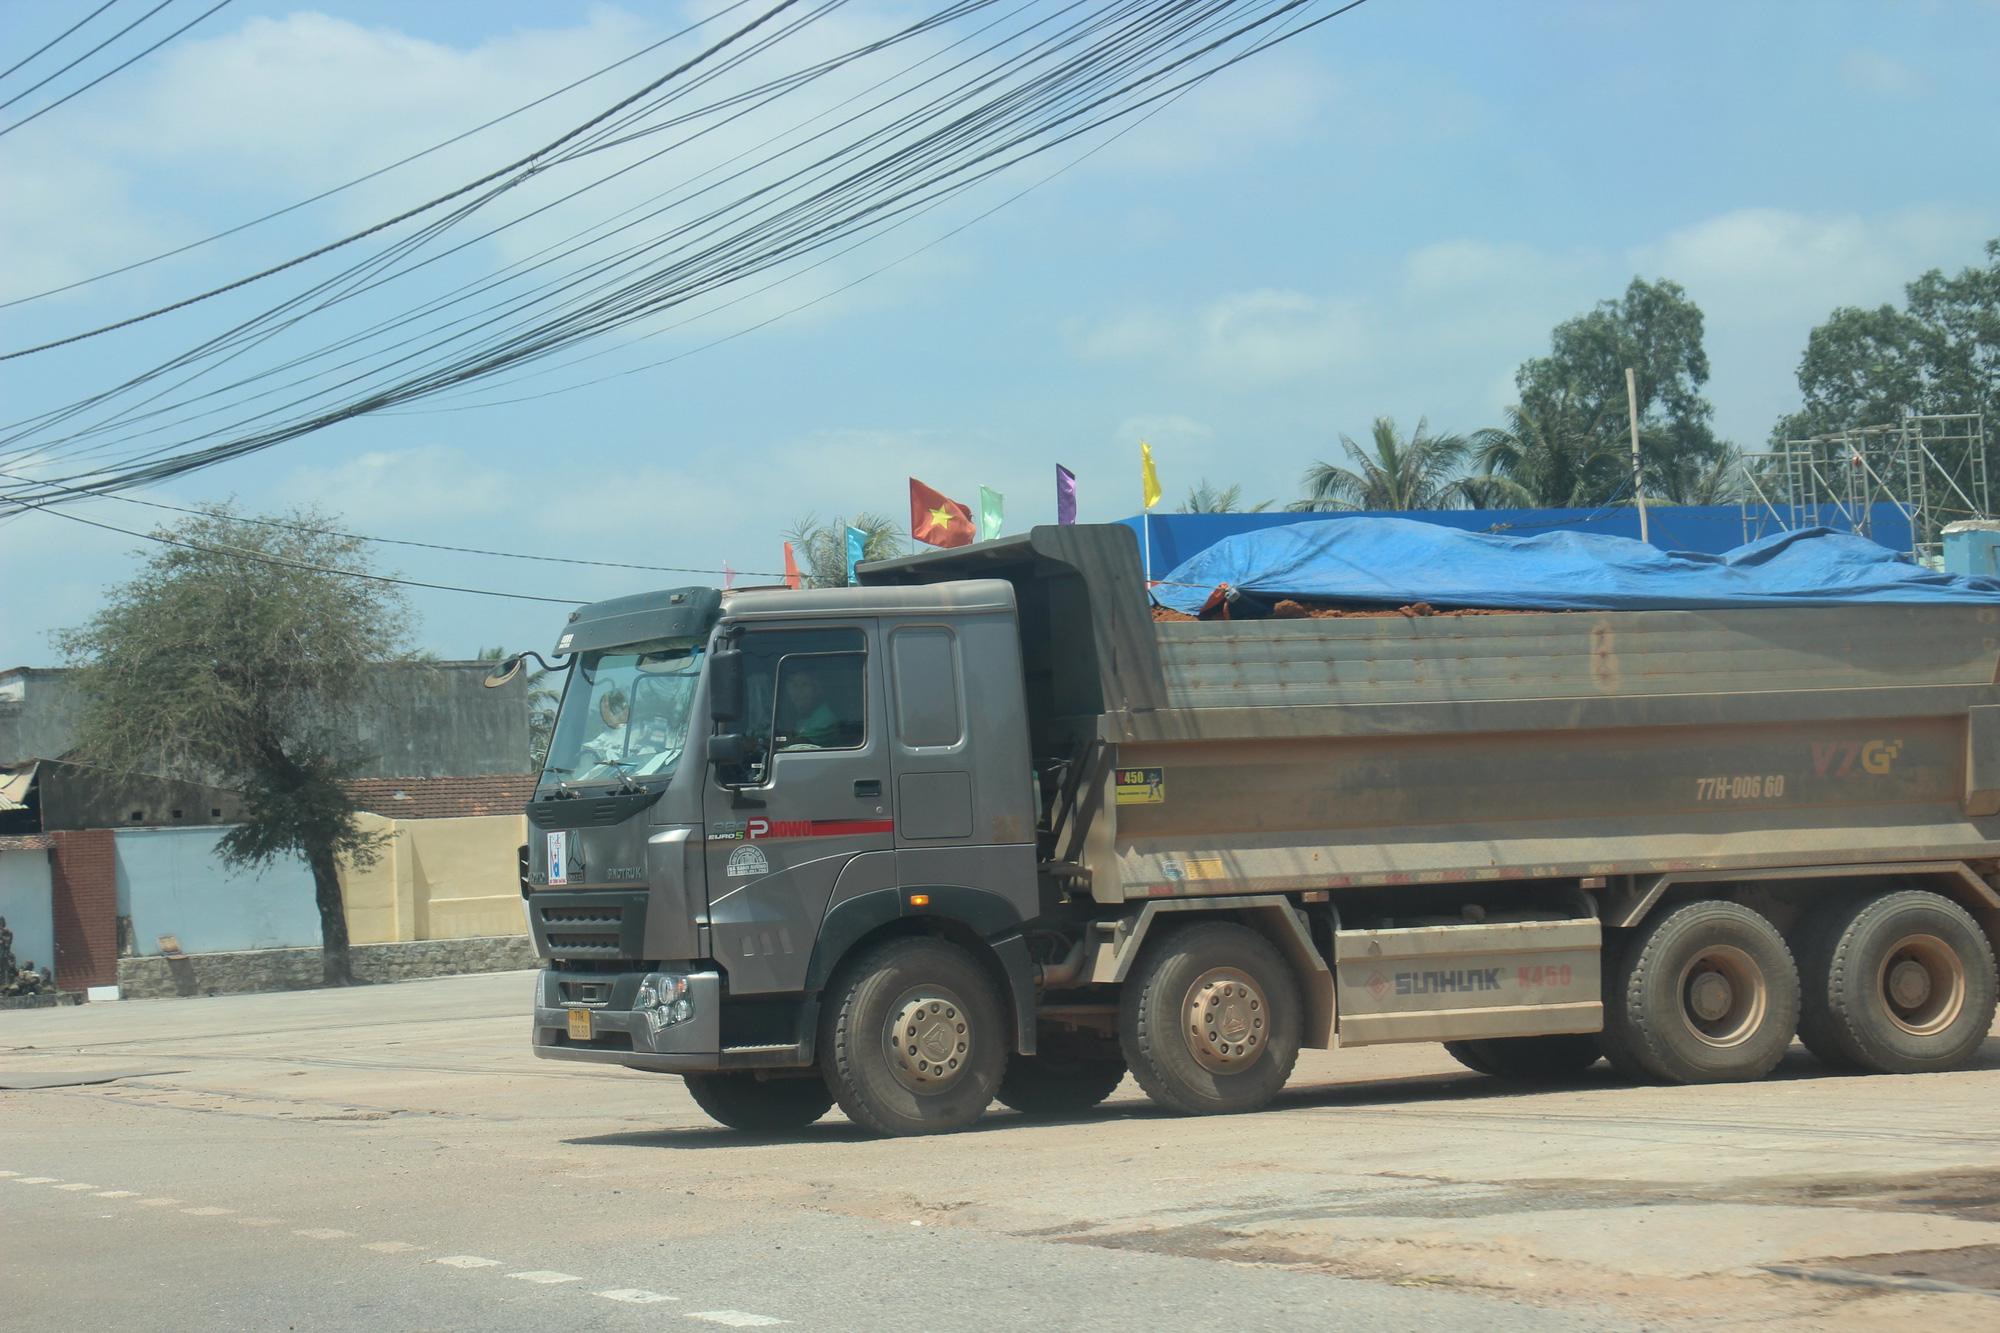 """Ảnh, Clip: Đoàn xe tải gắn logo Bá Sanh Đường """"tung hoành"""" ở Thị xã Hoài Nhơn, Bình Định - Ảnh 8."""